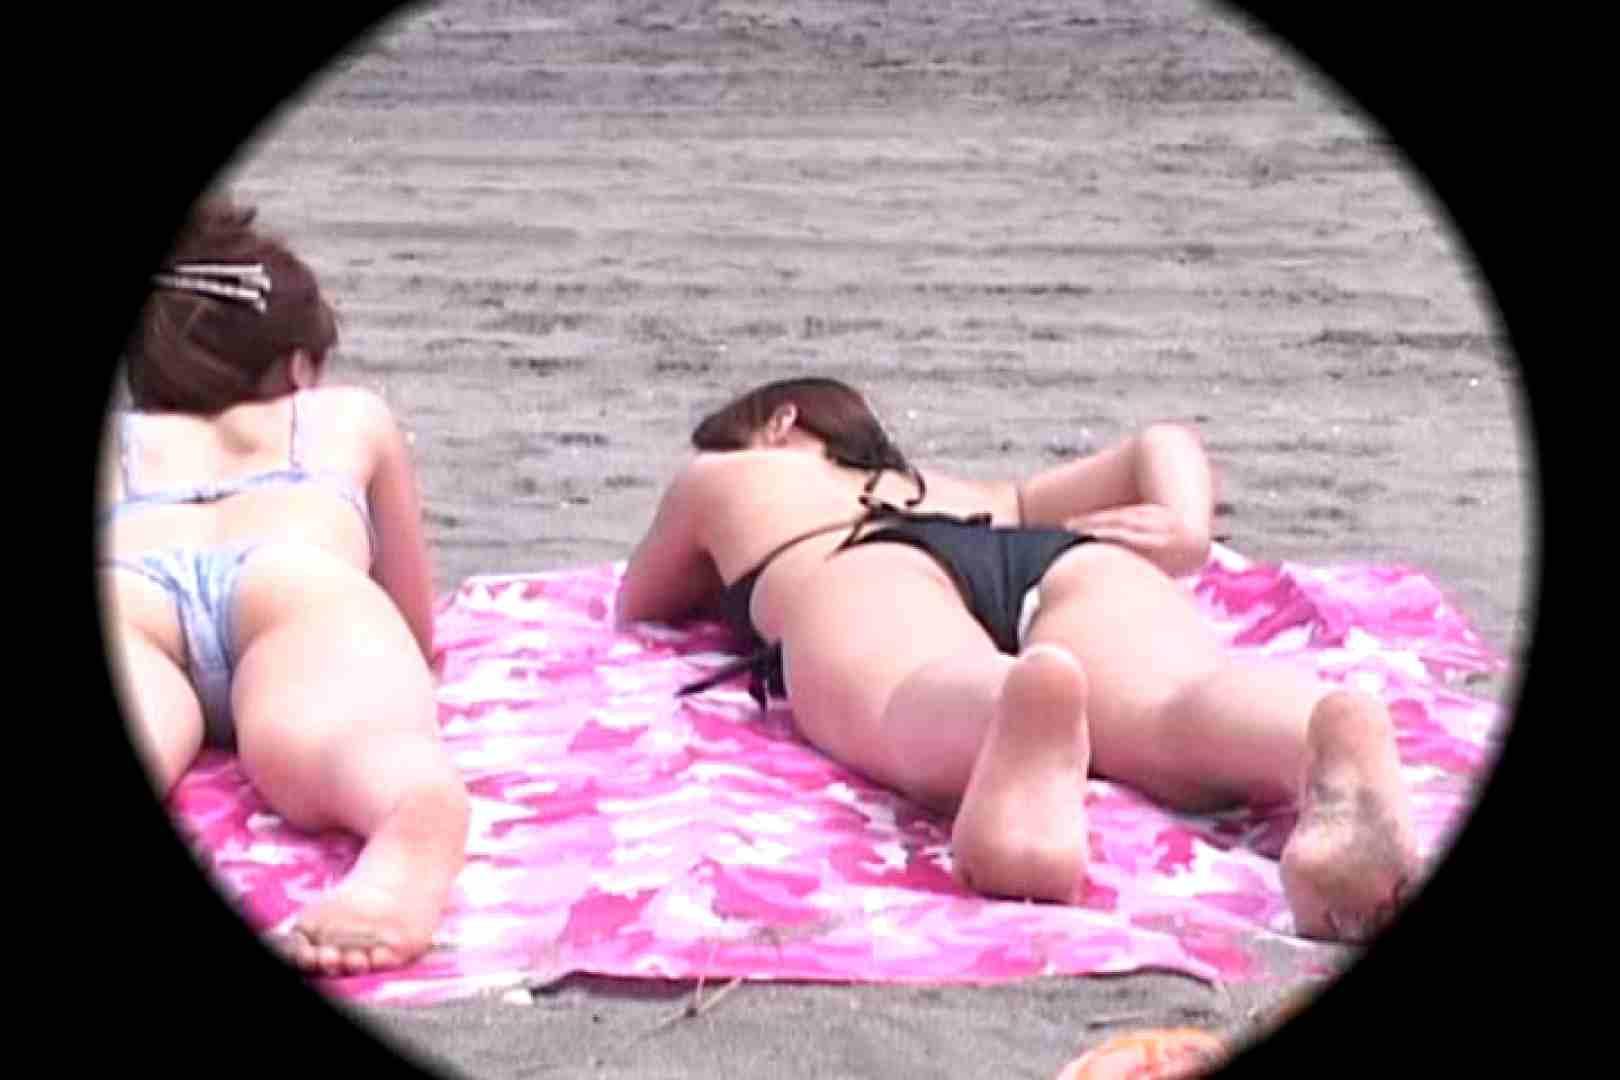 ビーチで発見!!はしゃぎ過ぎポロリギャルVol.4 お姉さん 盗み撮りSEX無修正画像 102PICs 68